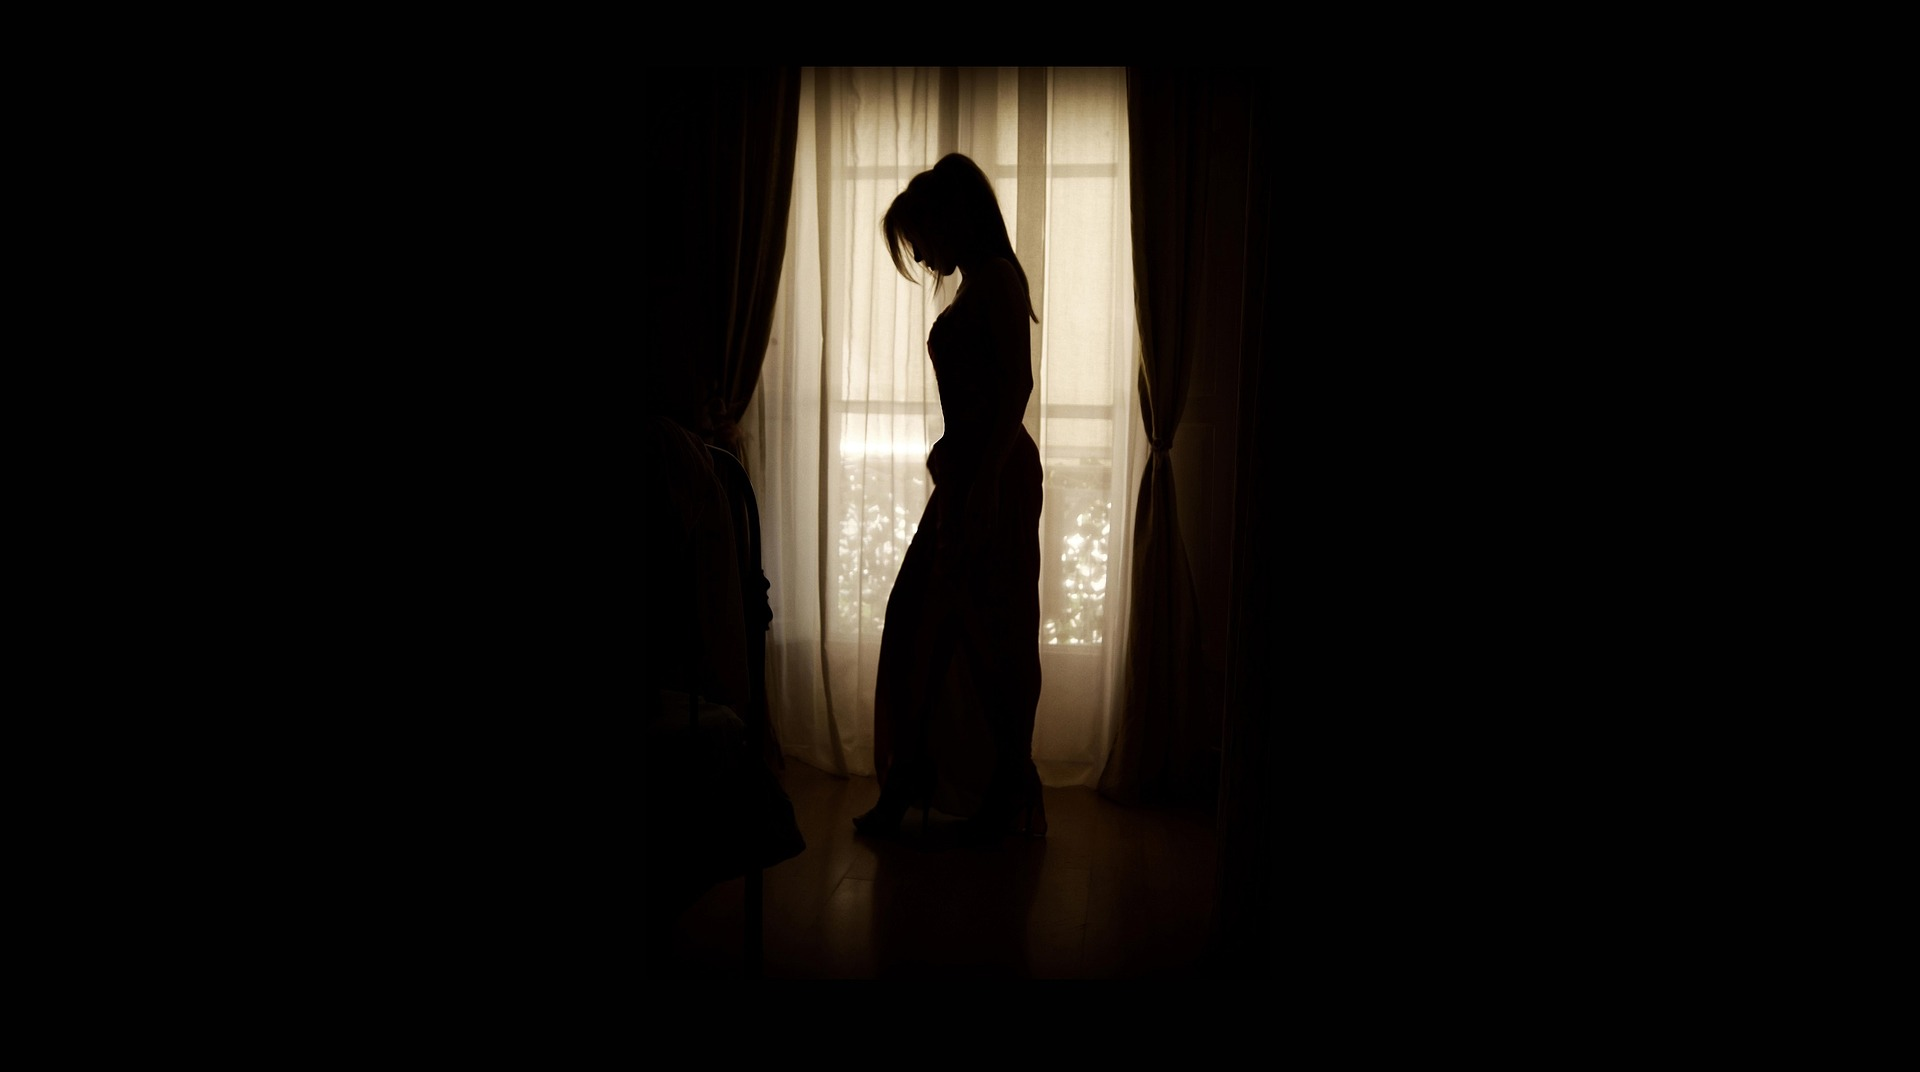 ¿Cómo defenderse ante una agresión sexual?